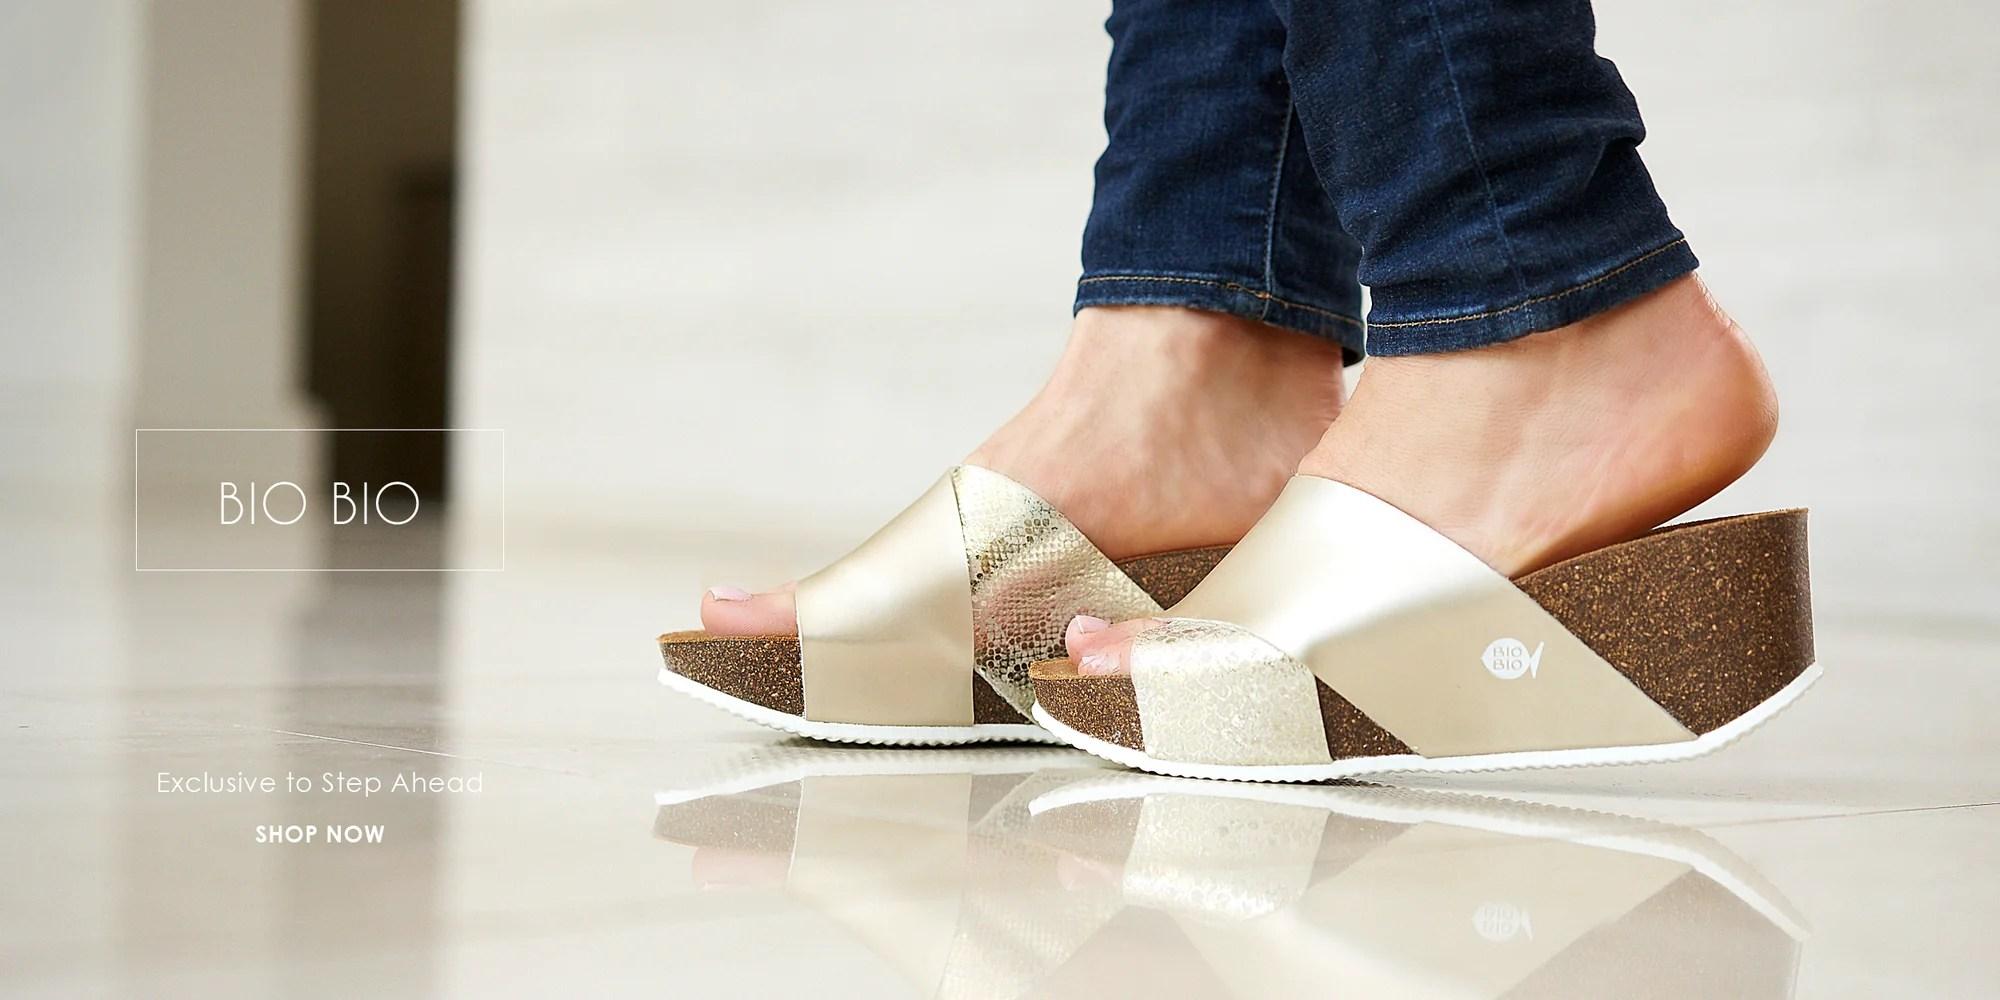 Shoes Online Women39s Shoes Men39s Shoes Handbags